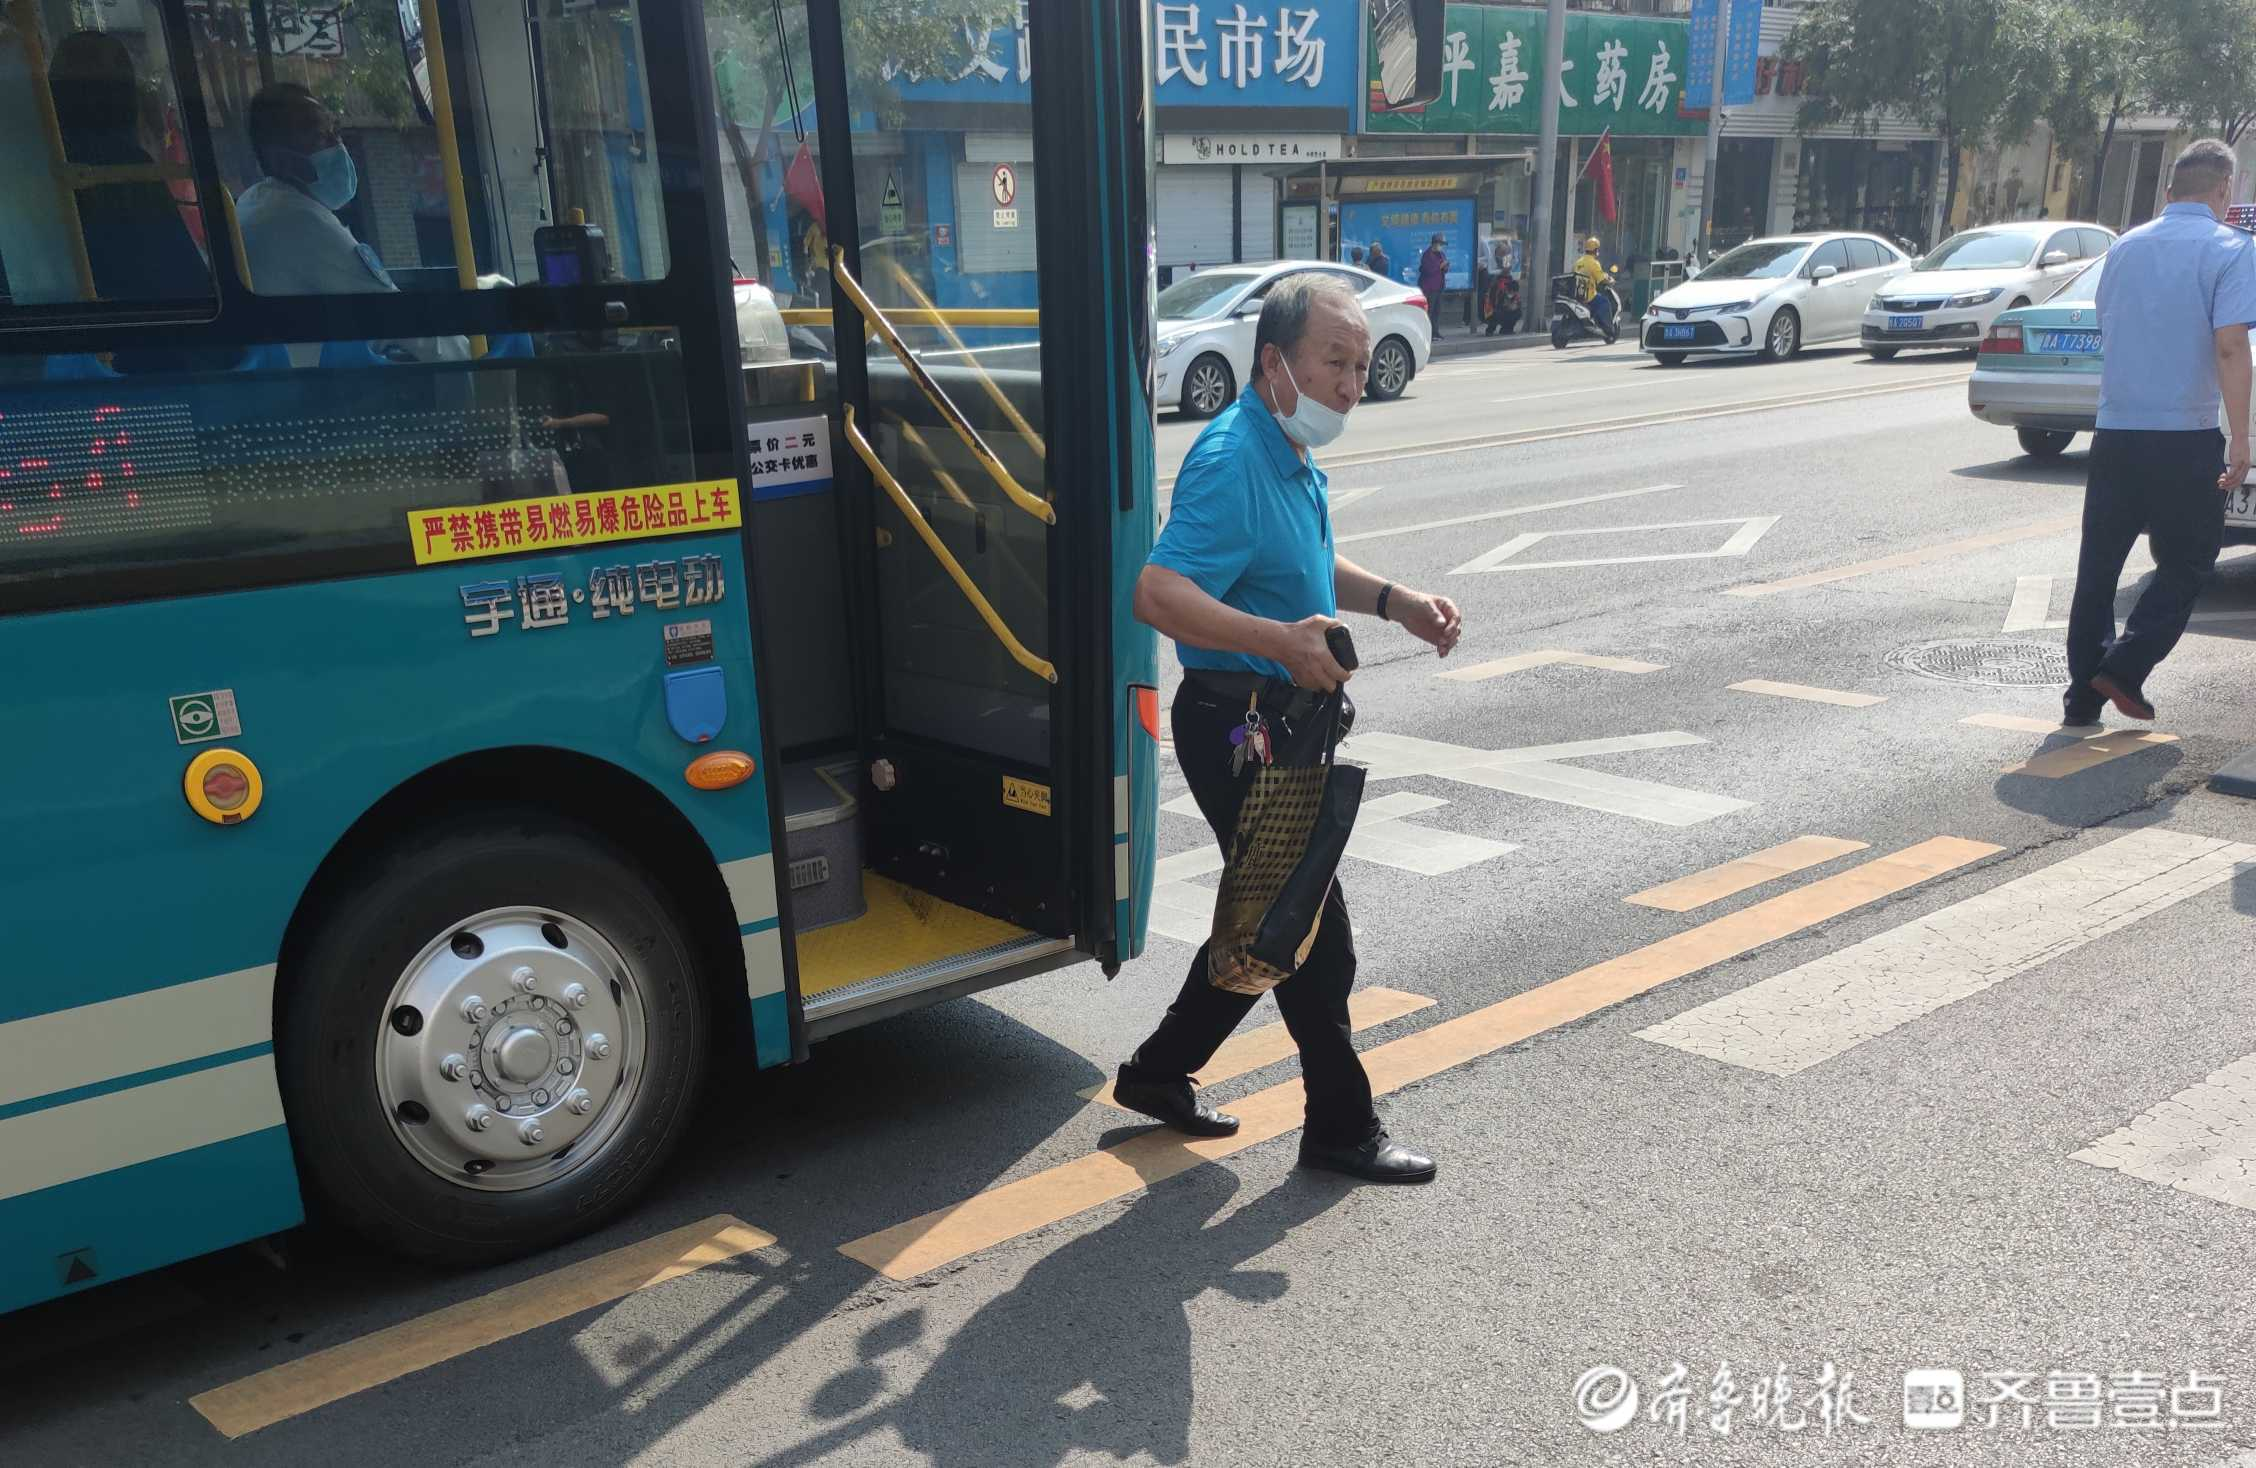 情报站|感动!济南一老人将包裹遗忘公交车上,巧遇好心民警救助